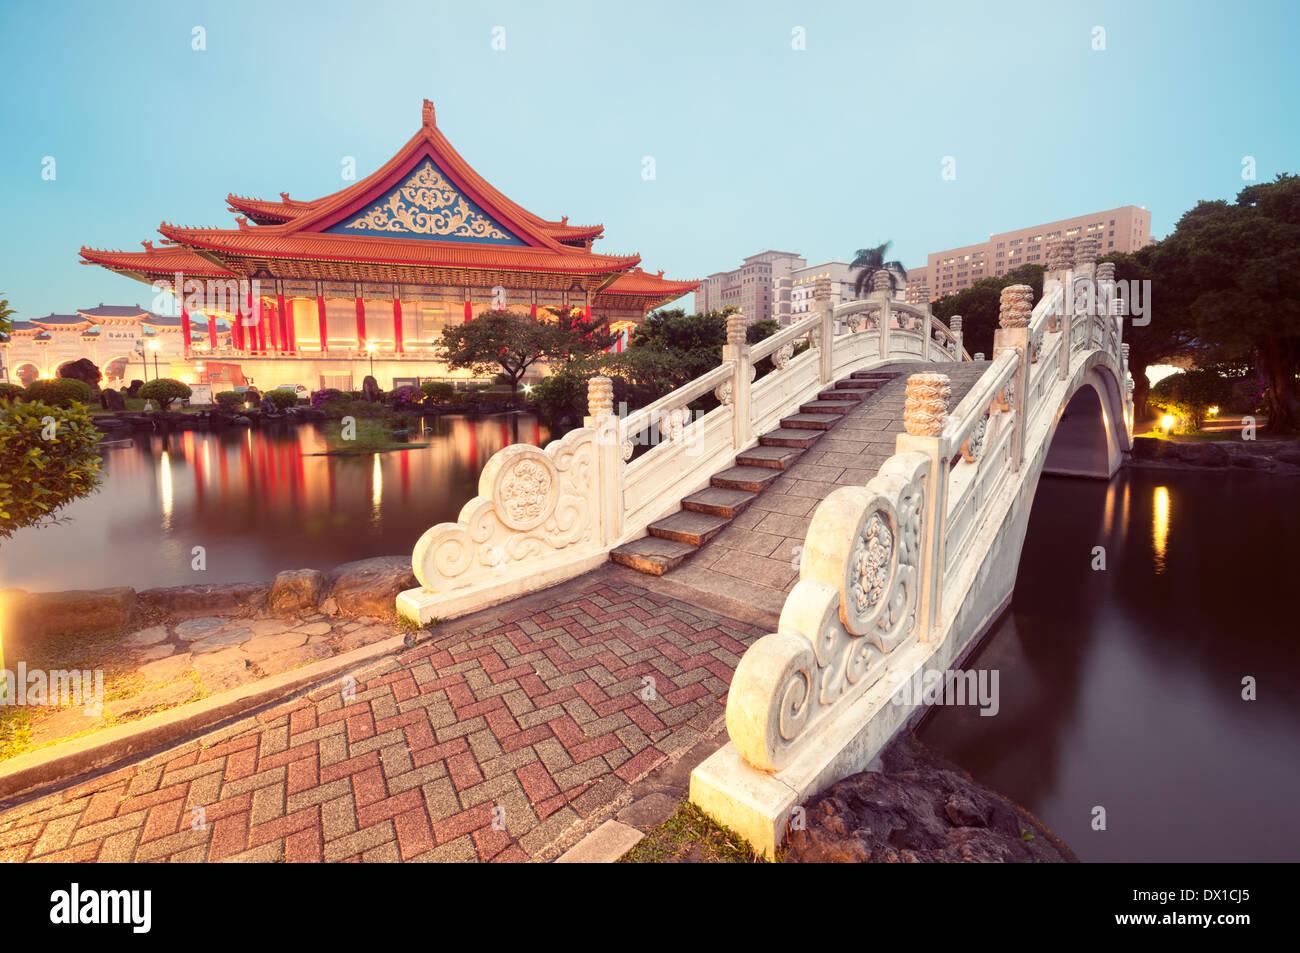 National Concert Hall de nuit. (Place de la liberté, Taipei). Photo Stock